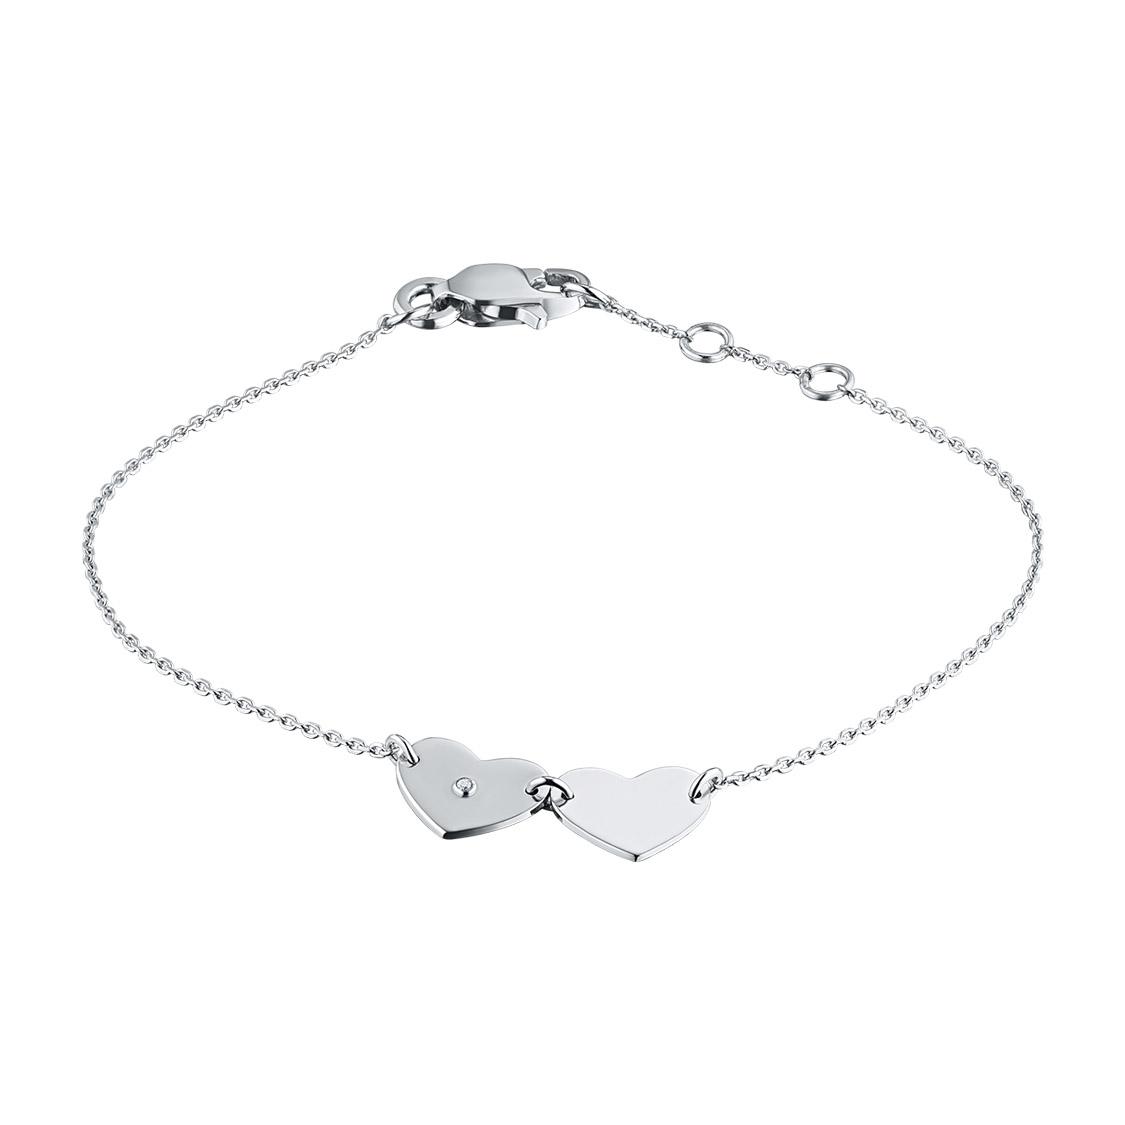 Браслет из серебра с бриллиантом э06Бр031859